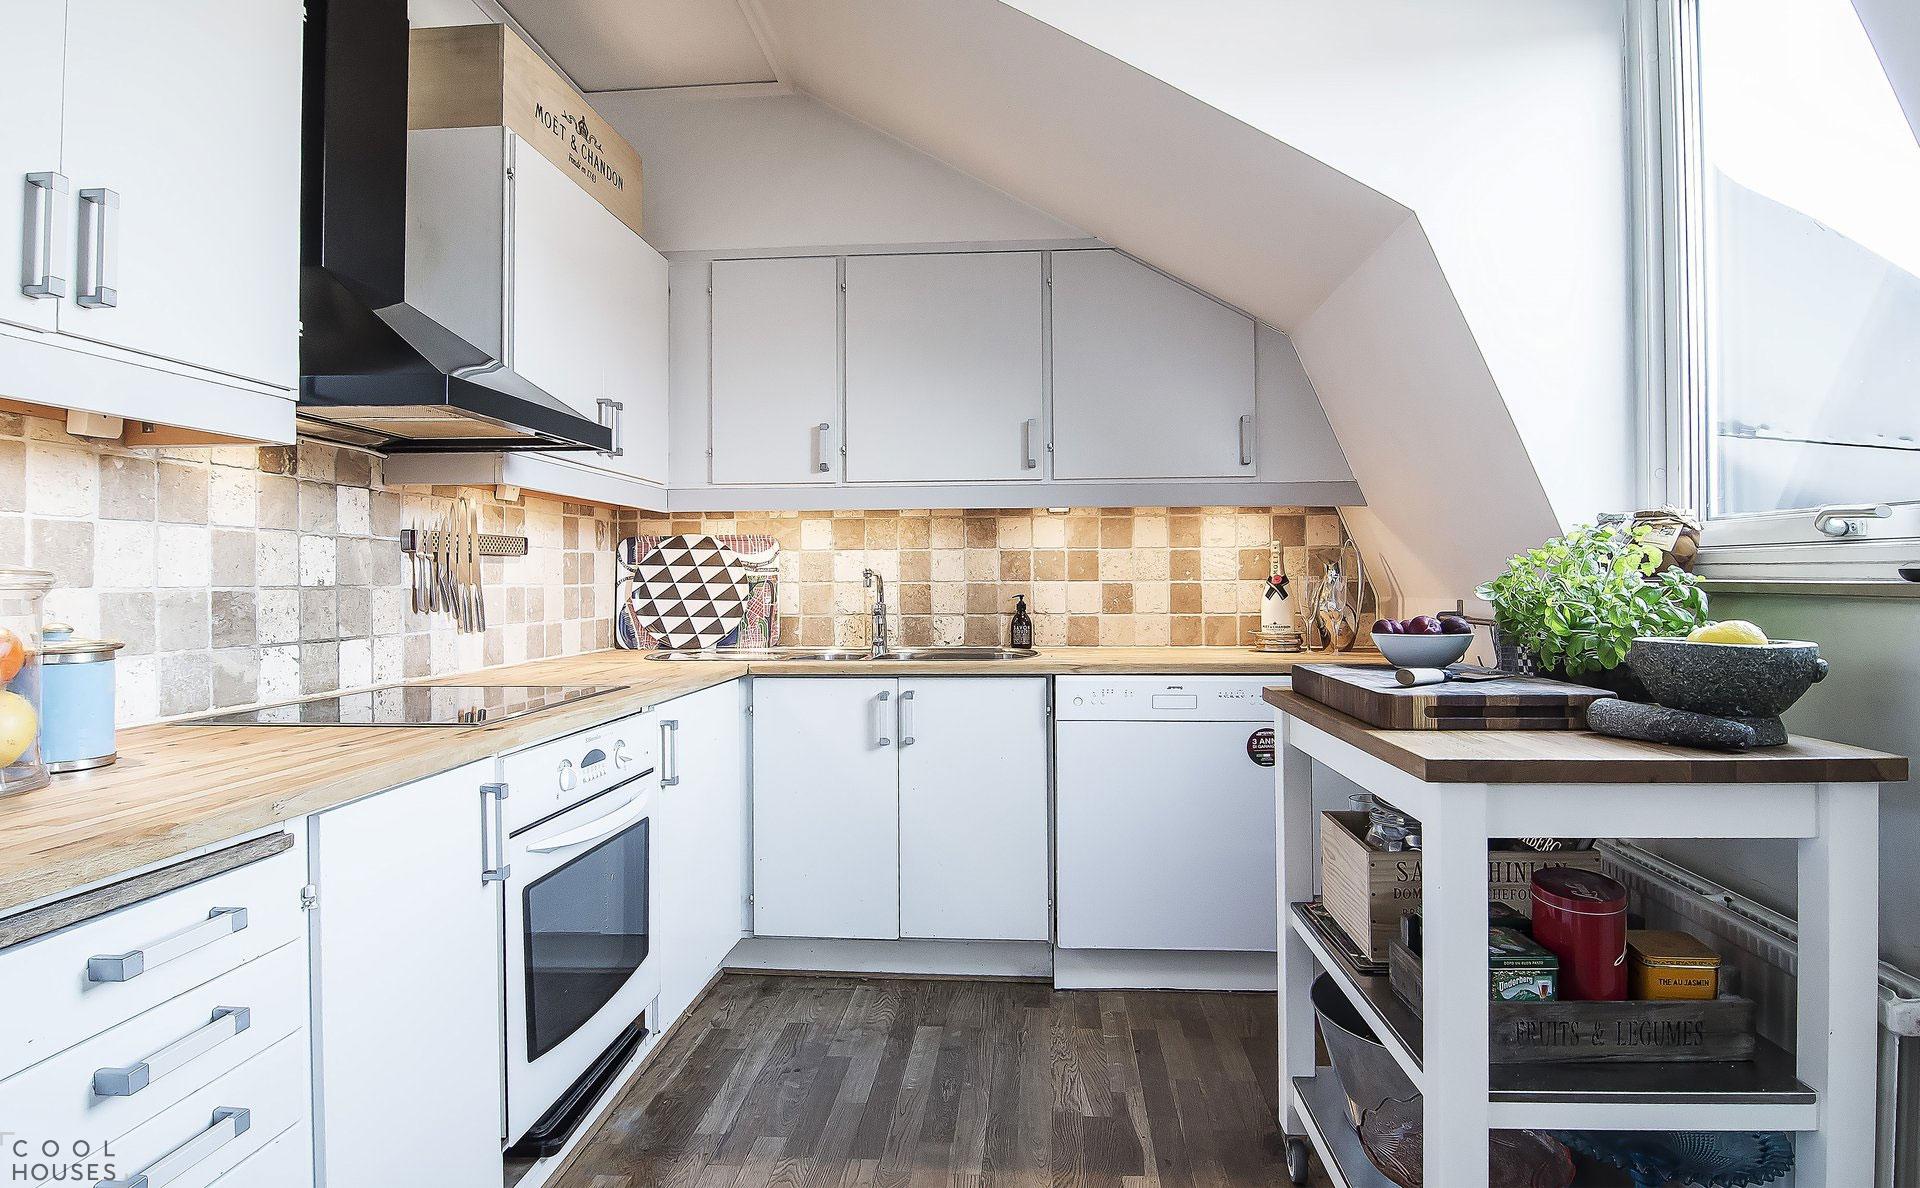 Современная квартира в скандинавском стиле, Швеция